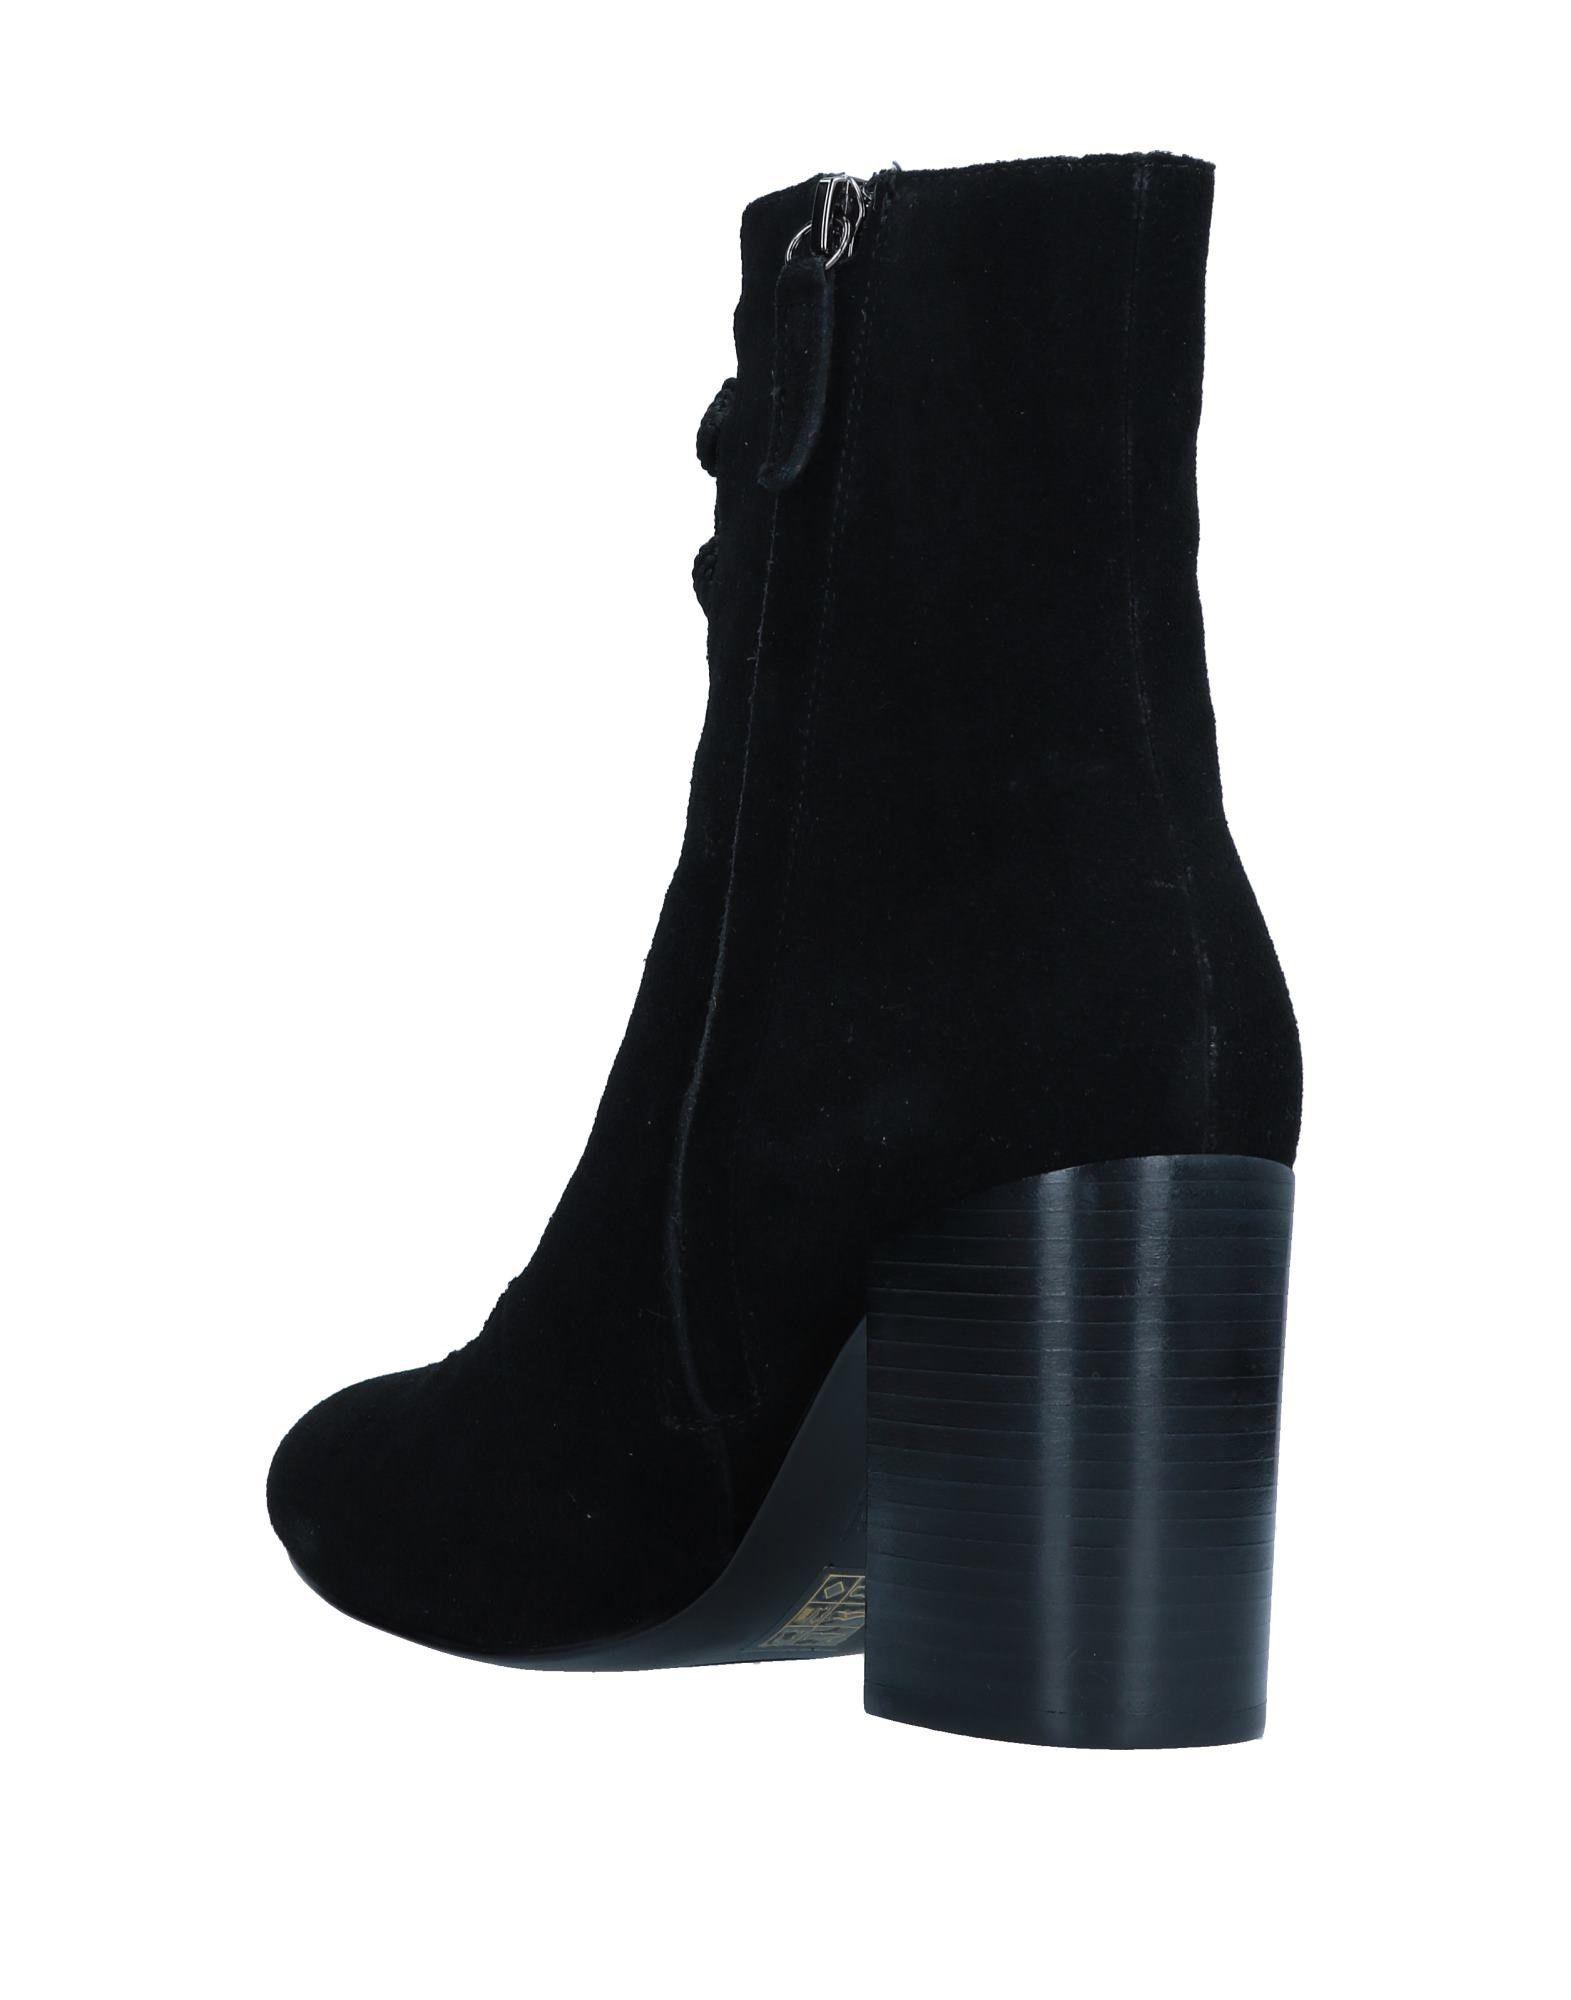 ... Bibi Lou Stiefelette Qualität Damen 11525428TF Gute Qualität  Stiefelette beliebte Schuhe c4eece ... 2f607327fc